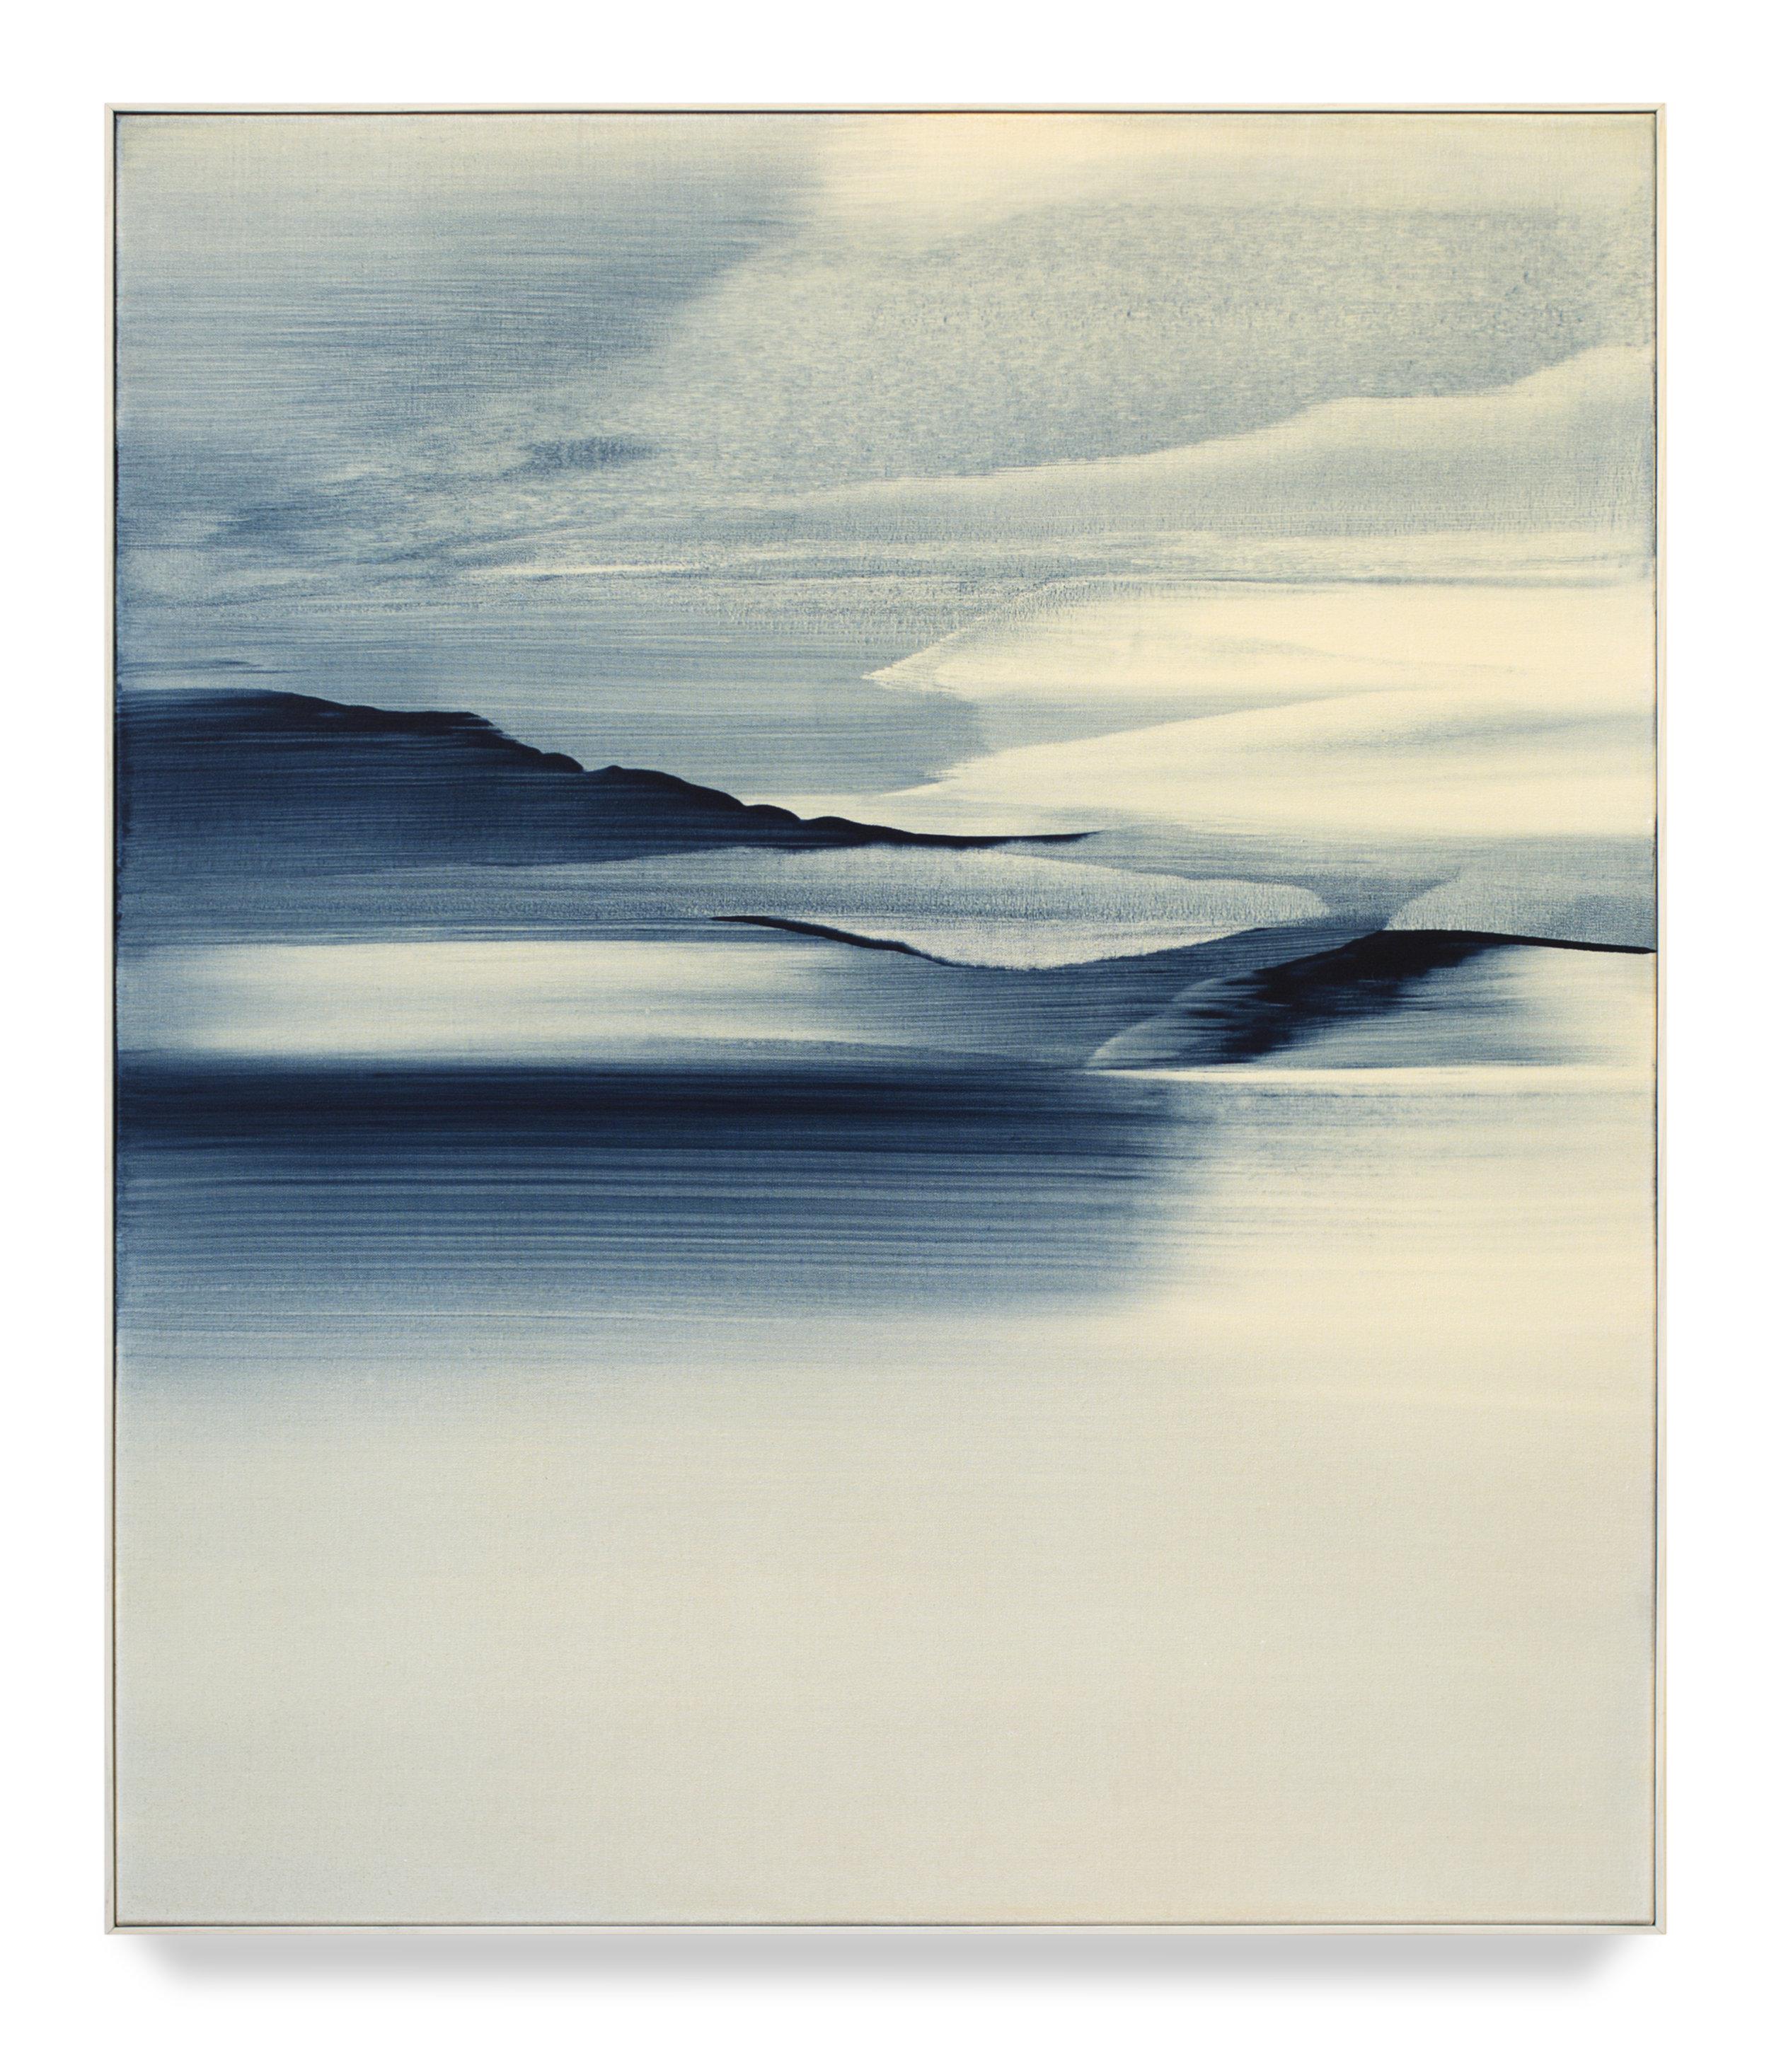 Jusnesfjord